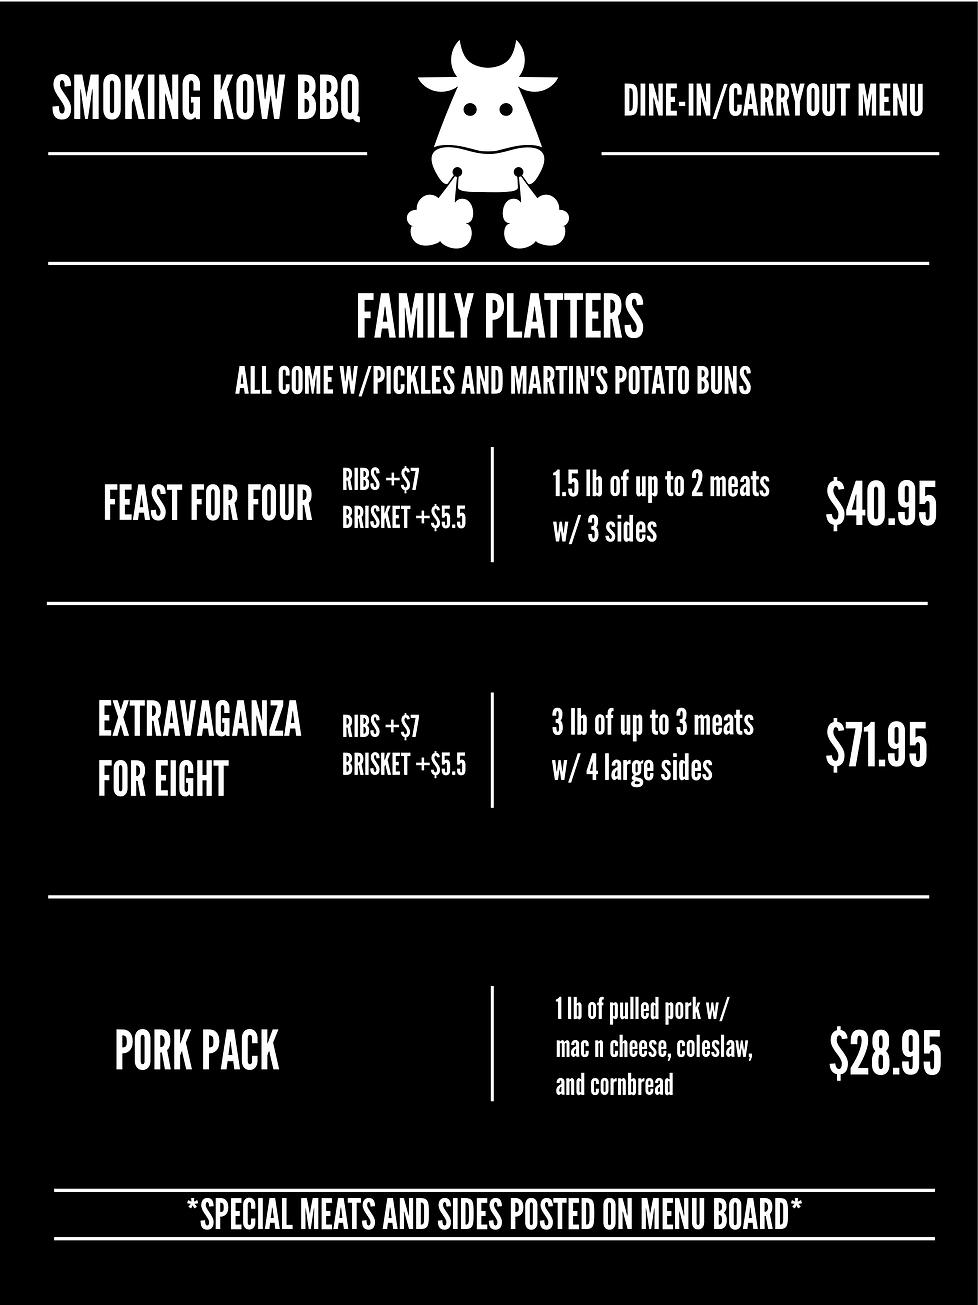 restaurant menu - 1-28-21 RIGHT NEW.png